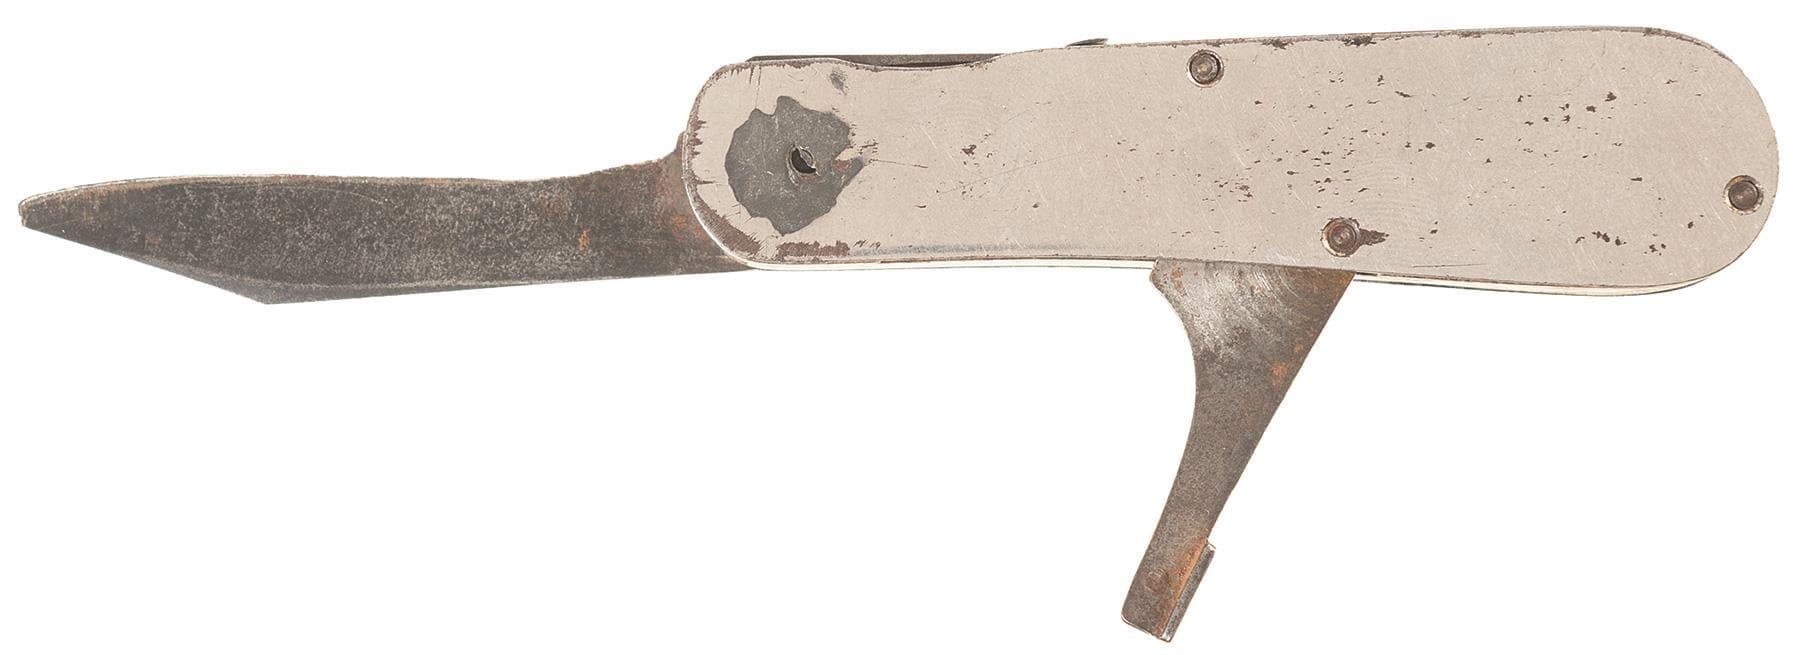 Knife Pistol